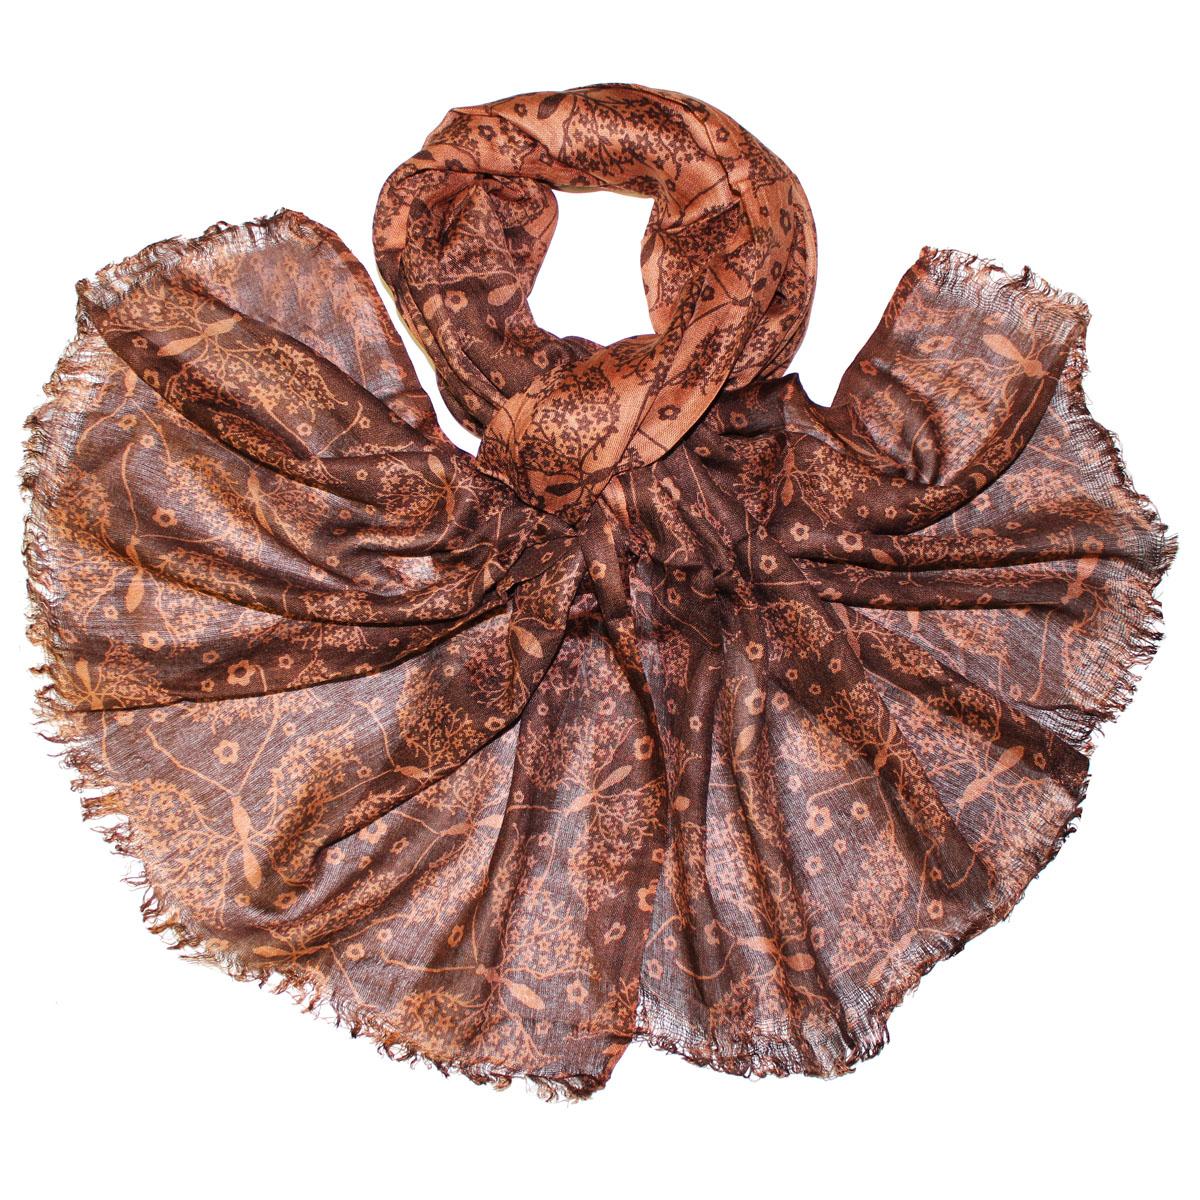 Шарф женский Ethnica, цвет: коричневый, 70 см х 180 см. 336085н336085нСтильный шарф из вискозы станет изысканным, нарядным аксессуаром, который призван подчеркнуть индивидуальность и очарование женщины. Шарф оформлен орнаментом в виде бабочек, края декорированы бахромой.Этот модный аксессуар женского гардероба гармонично дополнит образ современной женщины, следящей за своим имиджем и стремящейся всегда оставаться стильной и элегантной. В таком шарфе вы всегда будете выглядеть женственной и привлекательной.